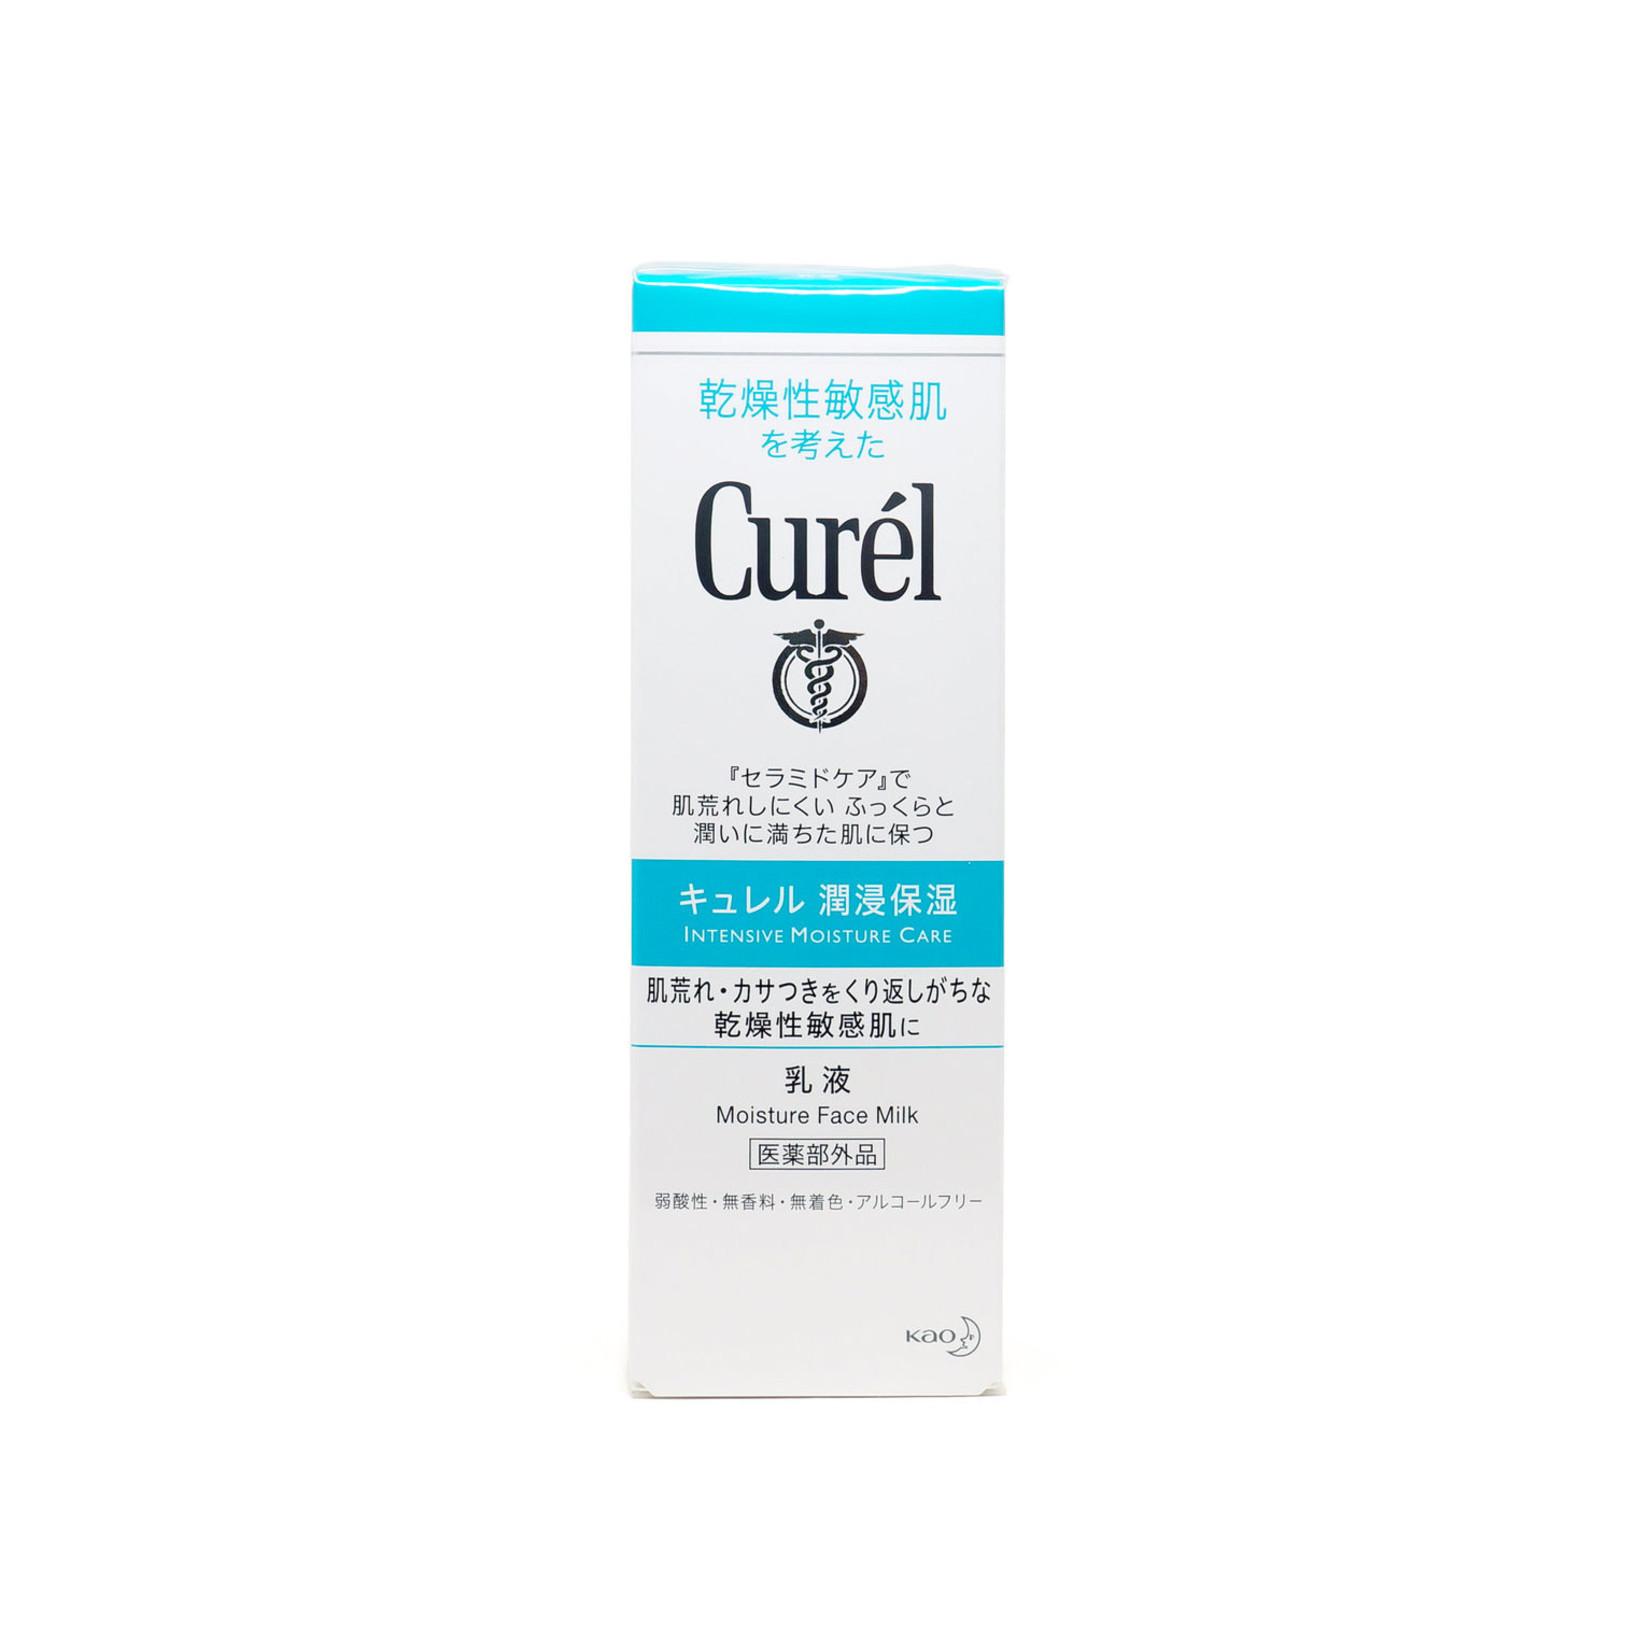 Curel Kao Curél Intensive Moisture Care  Face Milk 120ml